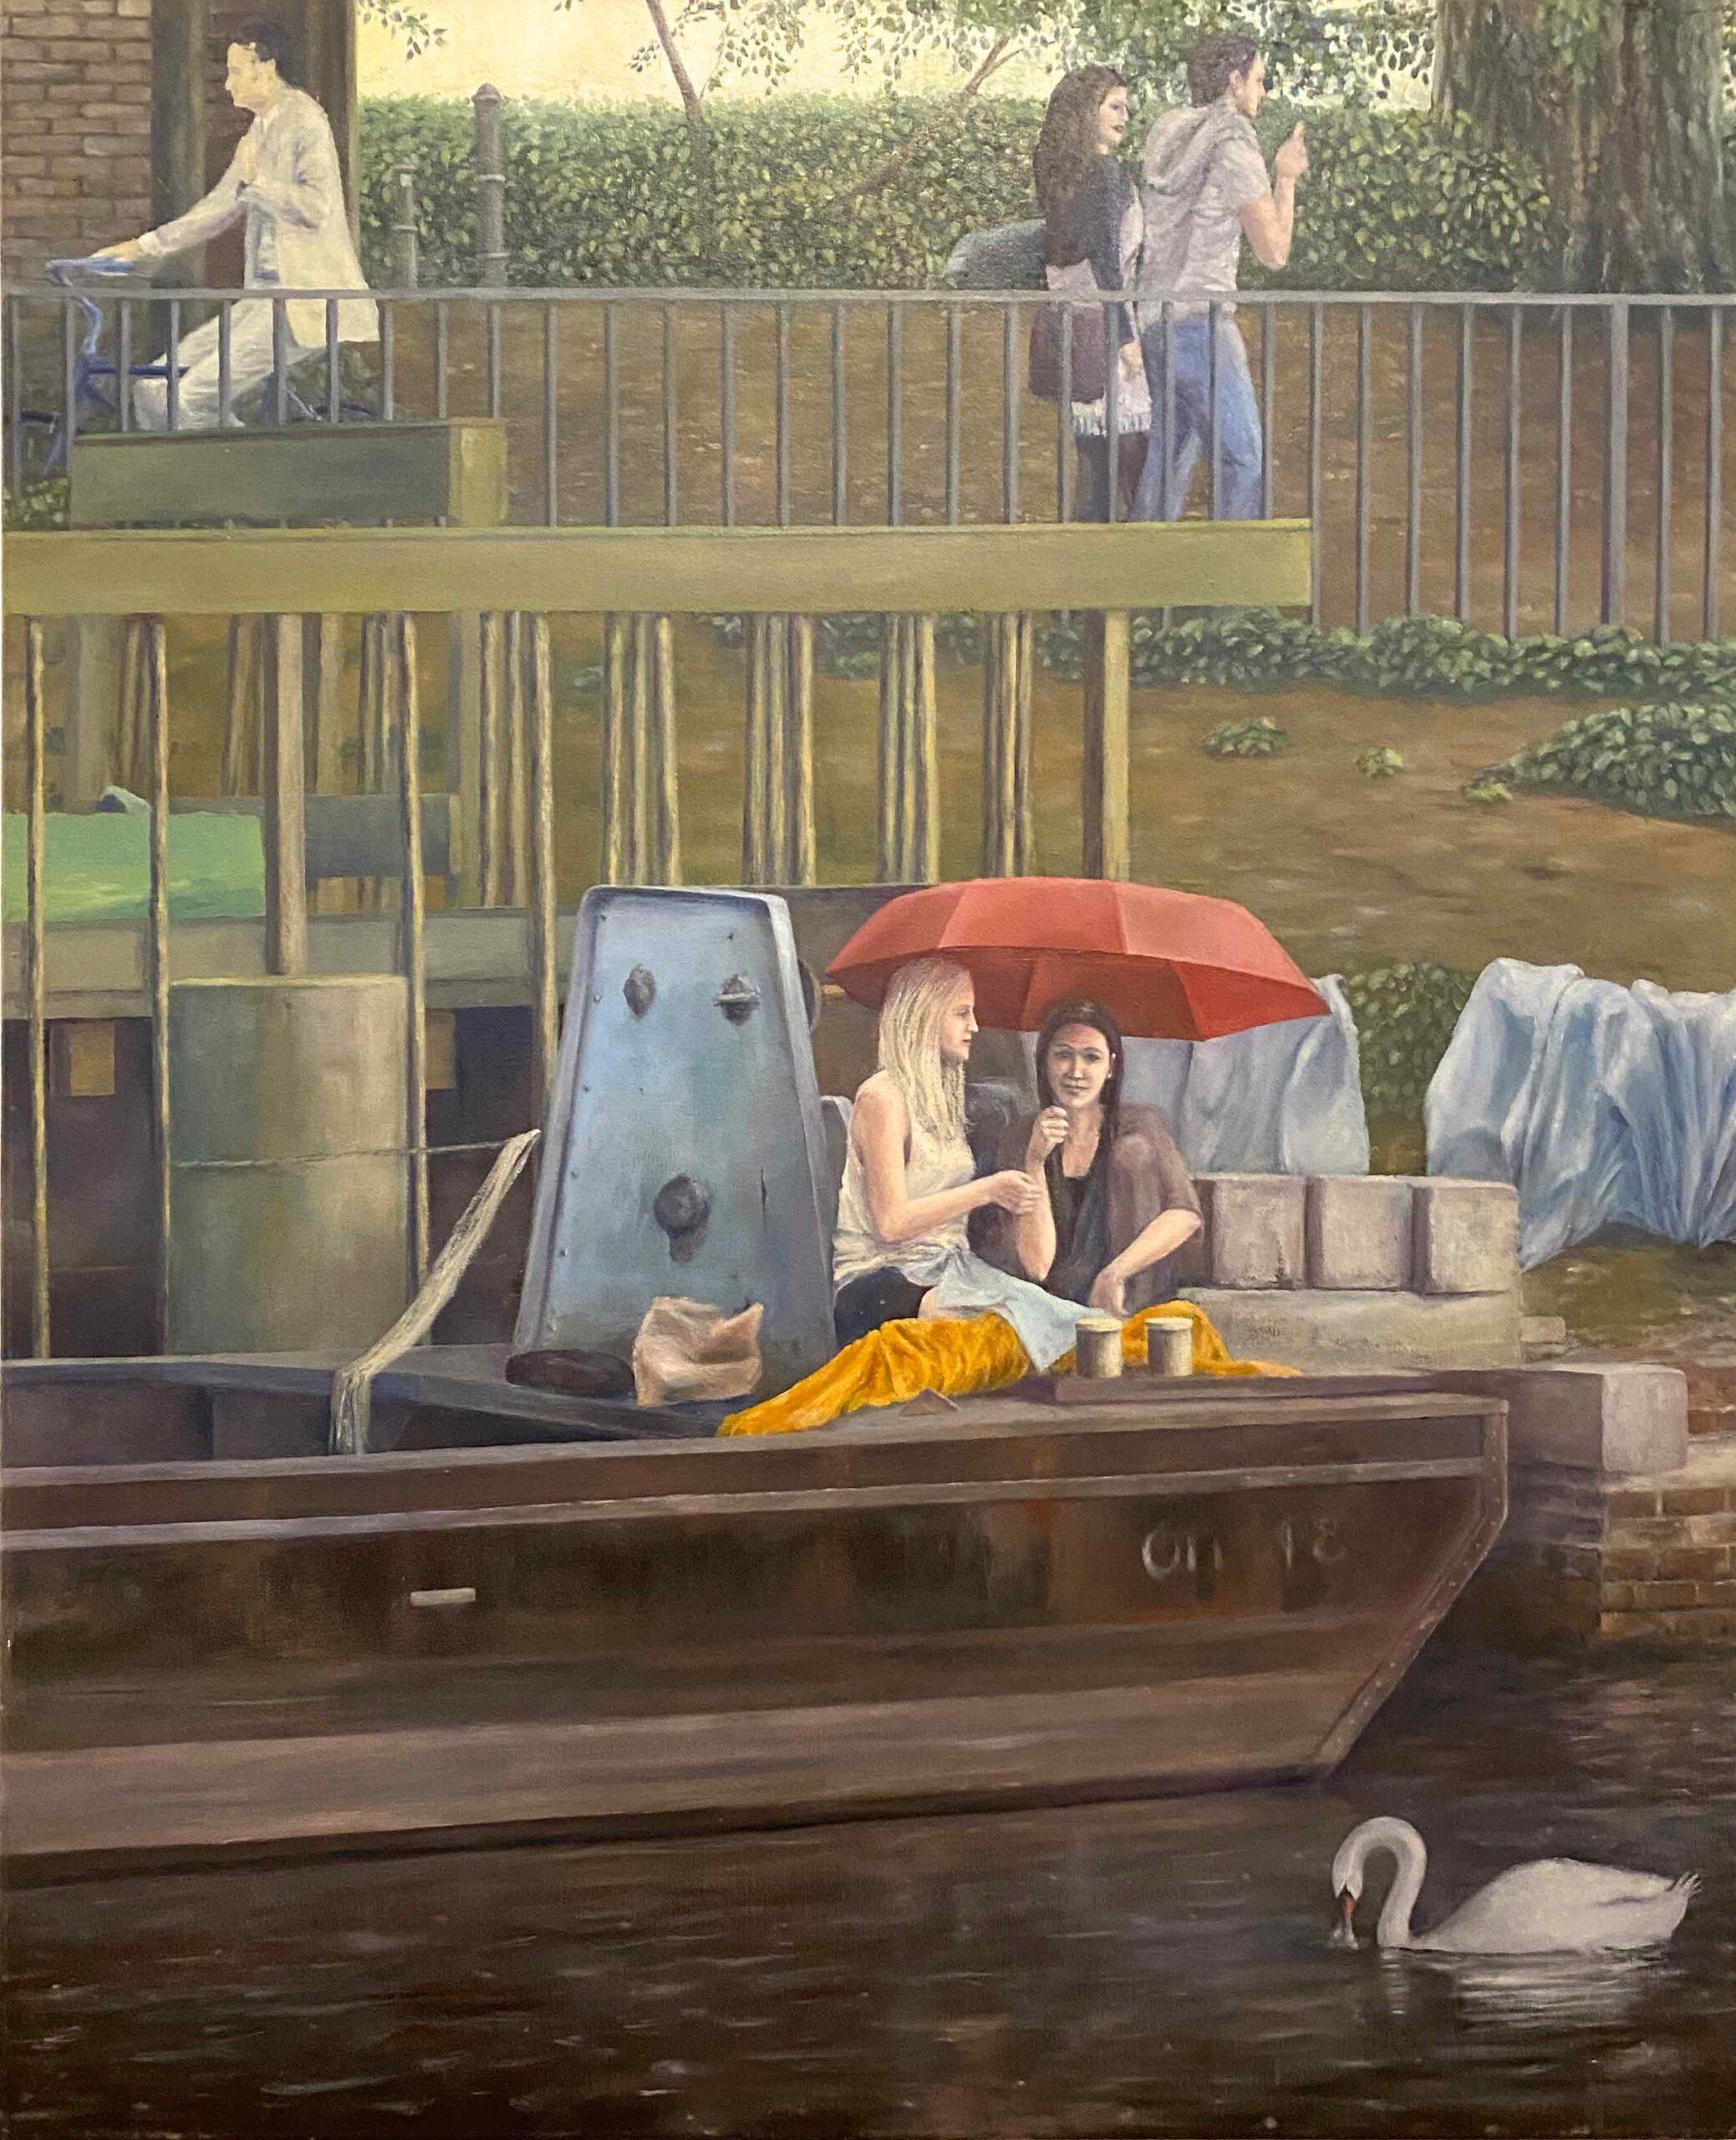 """""""Uferkonstellation Urbanhafen"""" 80 x 65 cm, Öl auf Leinwand, Felix Rieger 2011,12"""